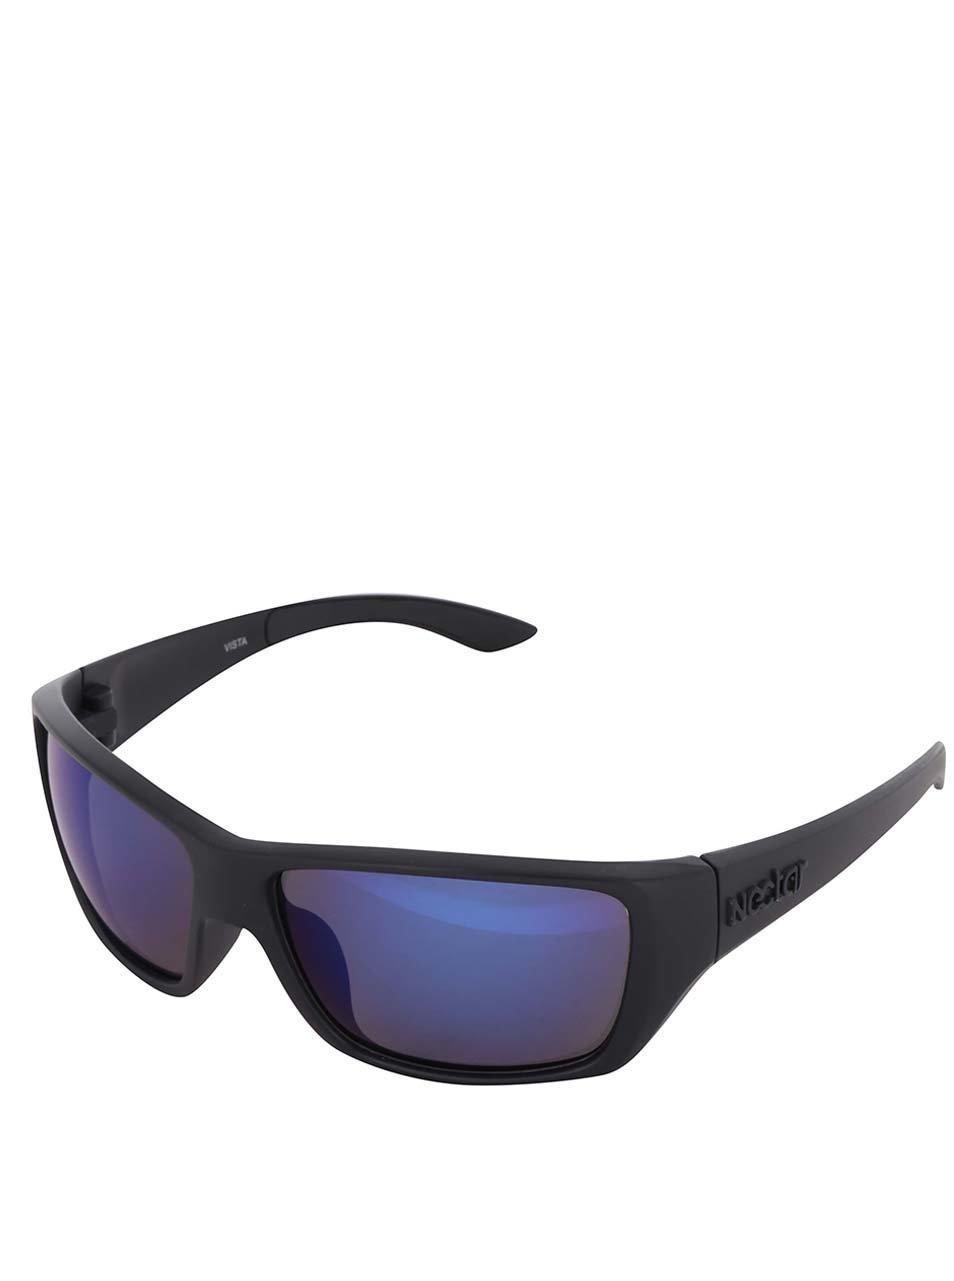 Černé pánské sluneční brýle s modrými skly Nectar Sporty